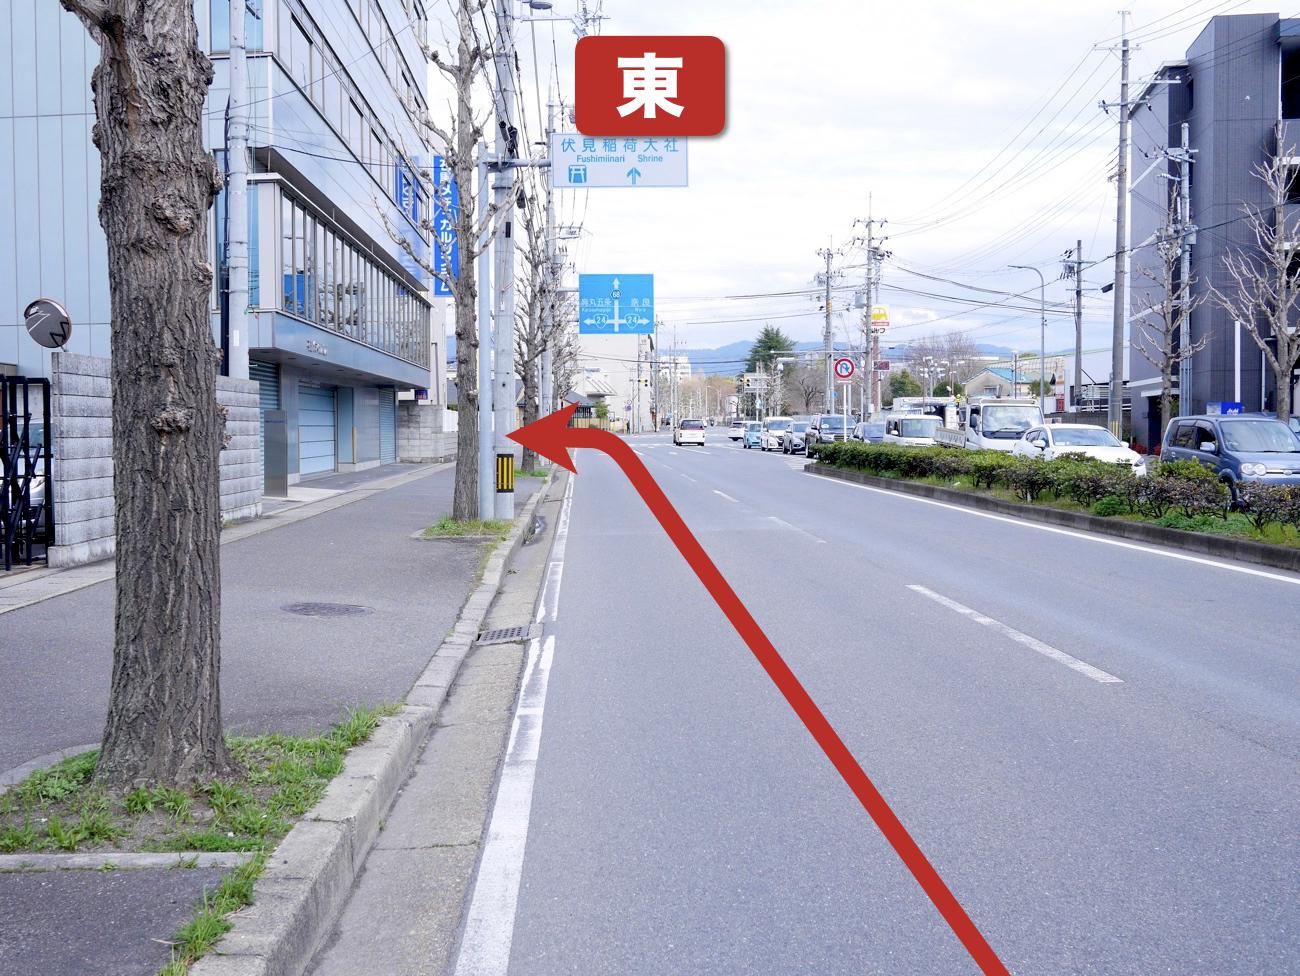 「竹田出橋」を左折